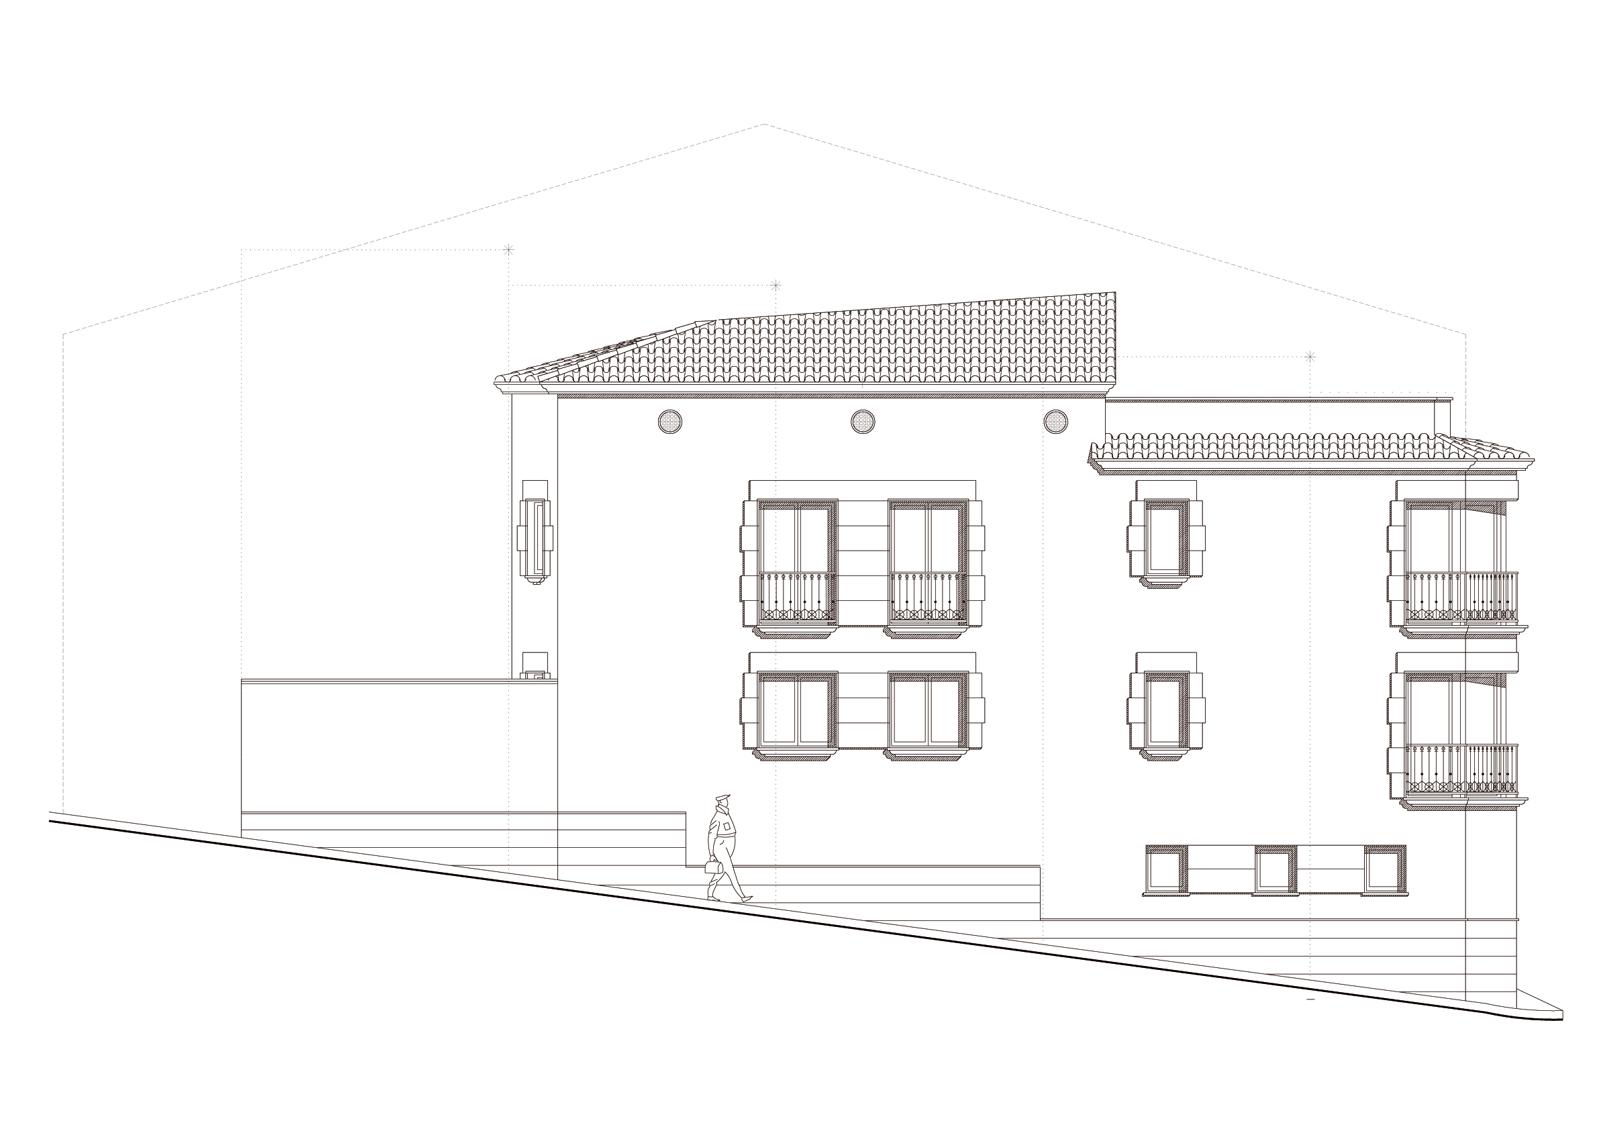 Alçat. Projecte d'obra nova: 1998 Habitatge unifamiliar cantonada